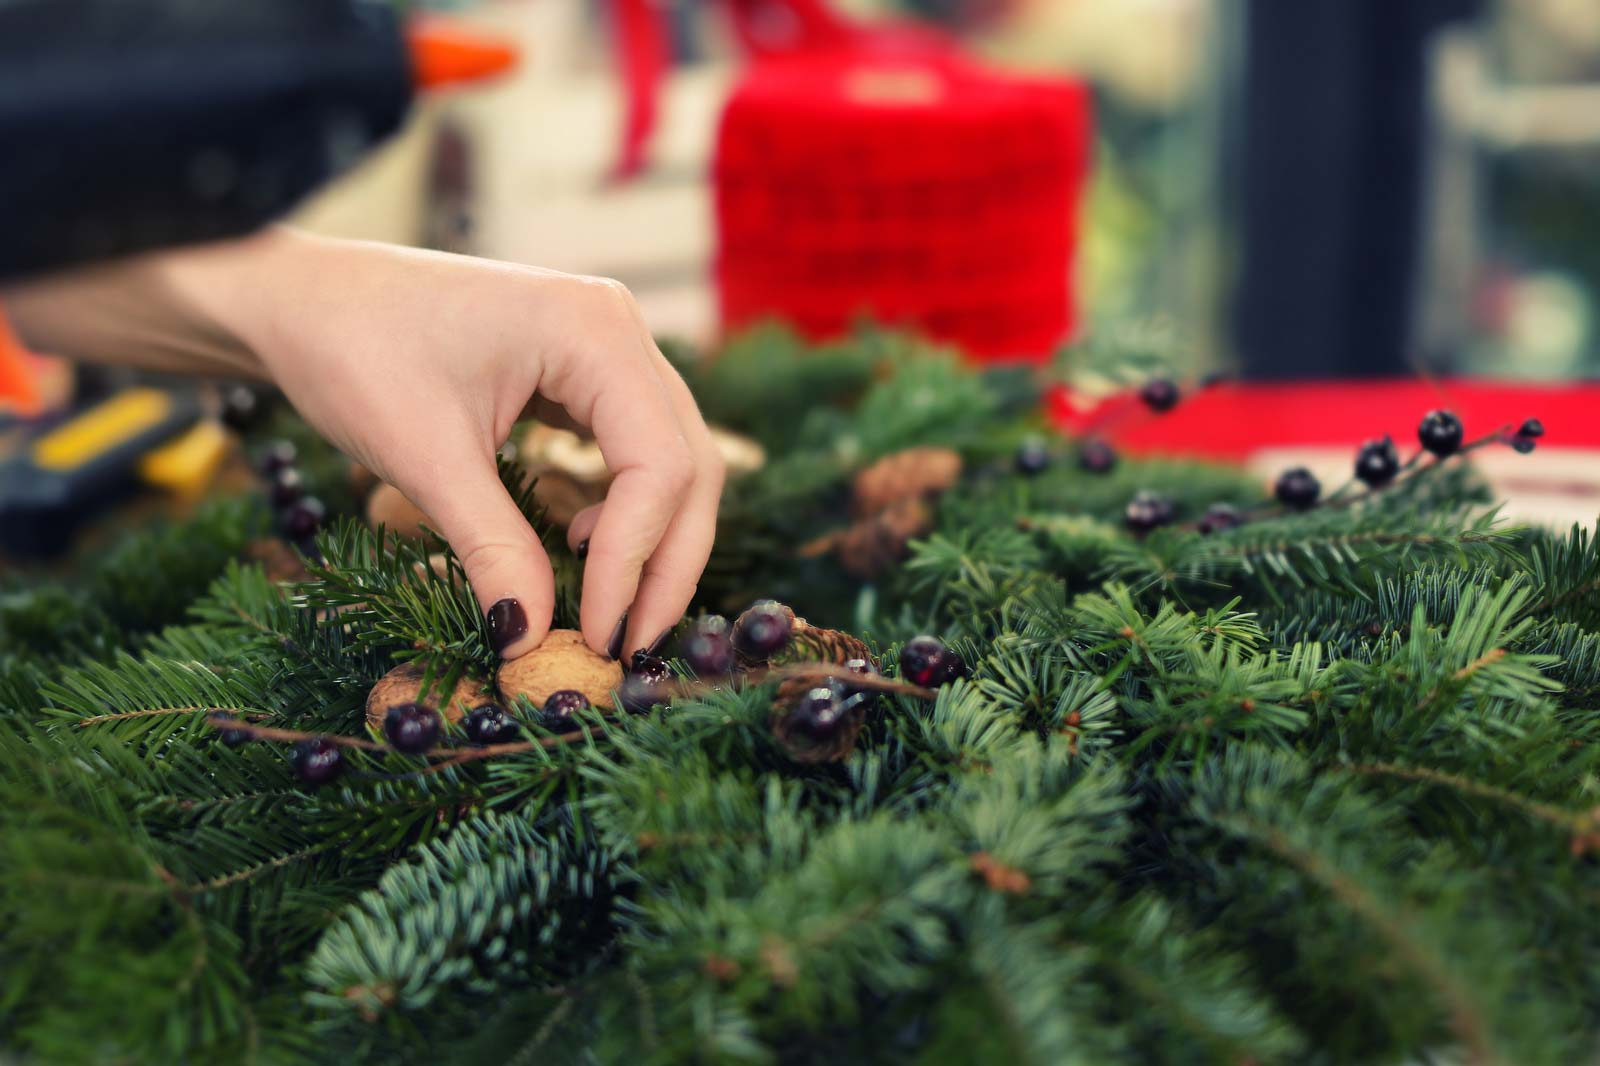 Une femme prépare les décorations des fêtes pour l'entreposage.